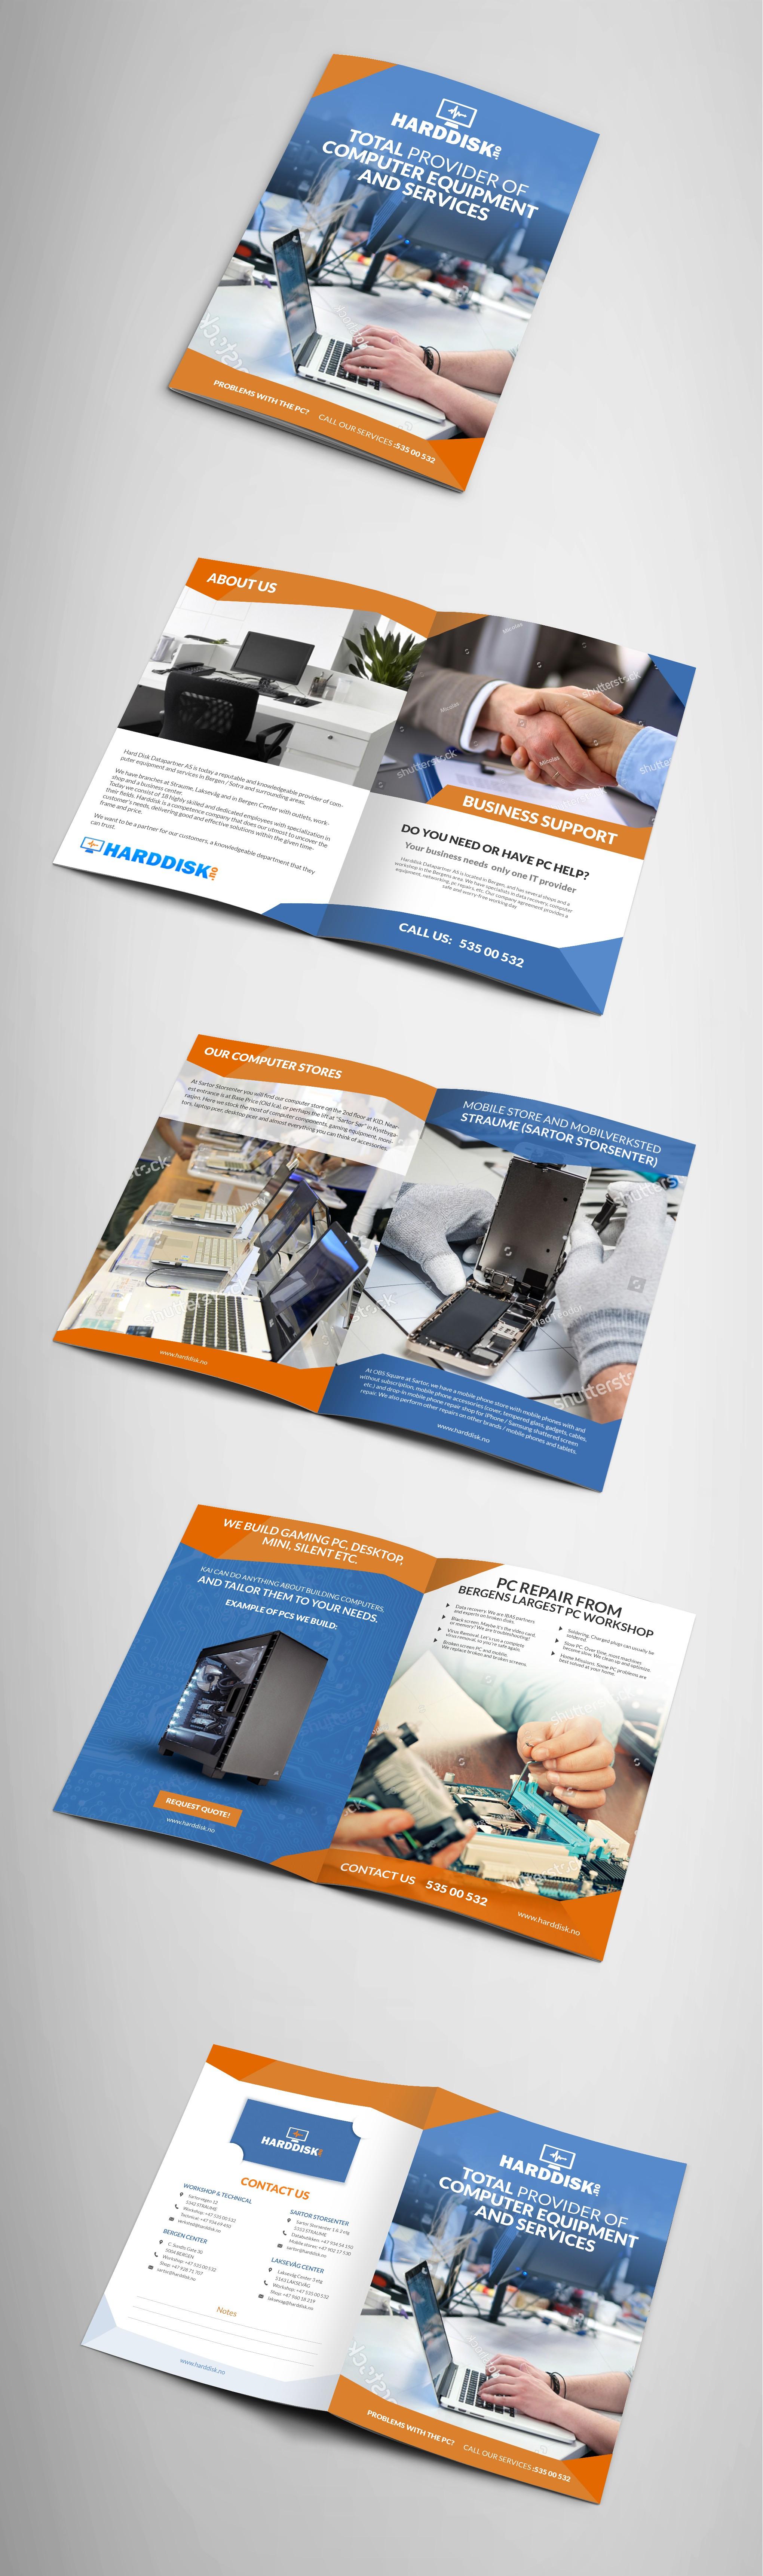 Design a computer service brochure for Harddisk